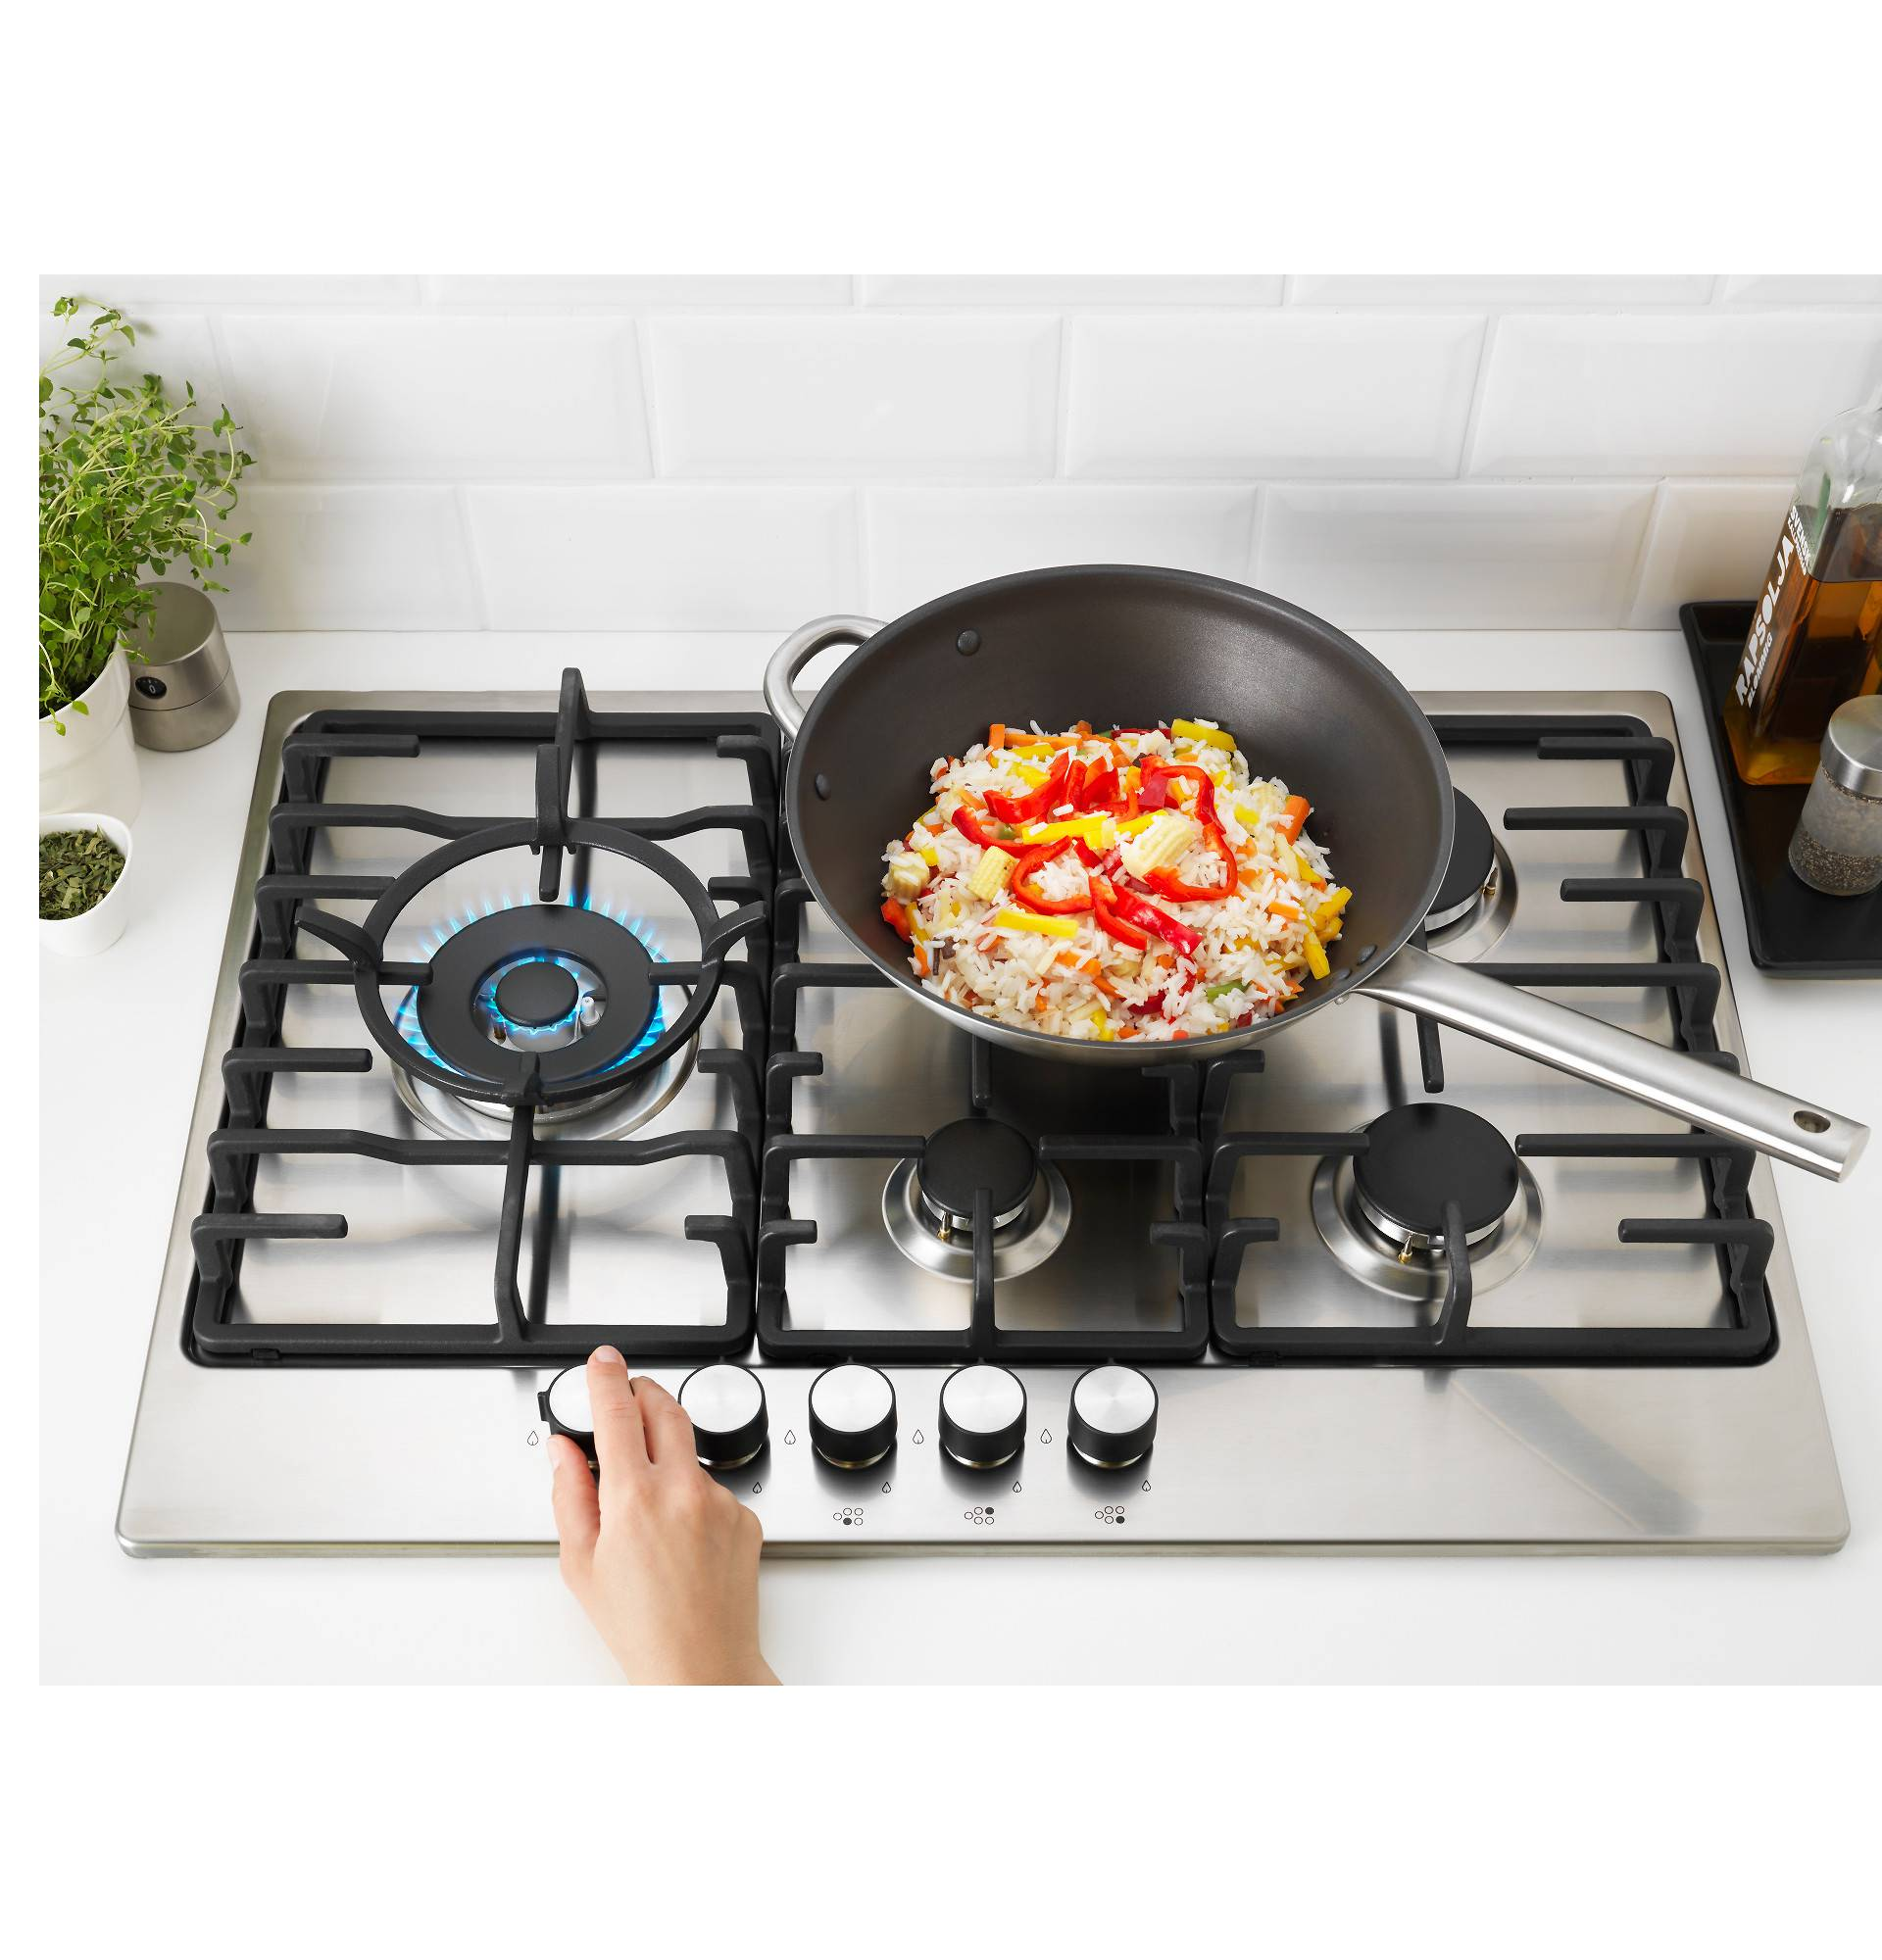 IKEA povlači ploču za kuhanje: Ugradili krivu mlaznicu za plin